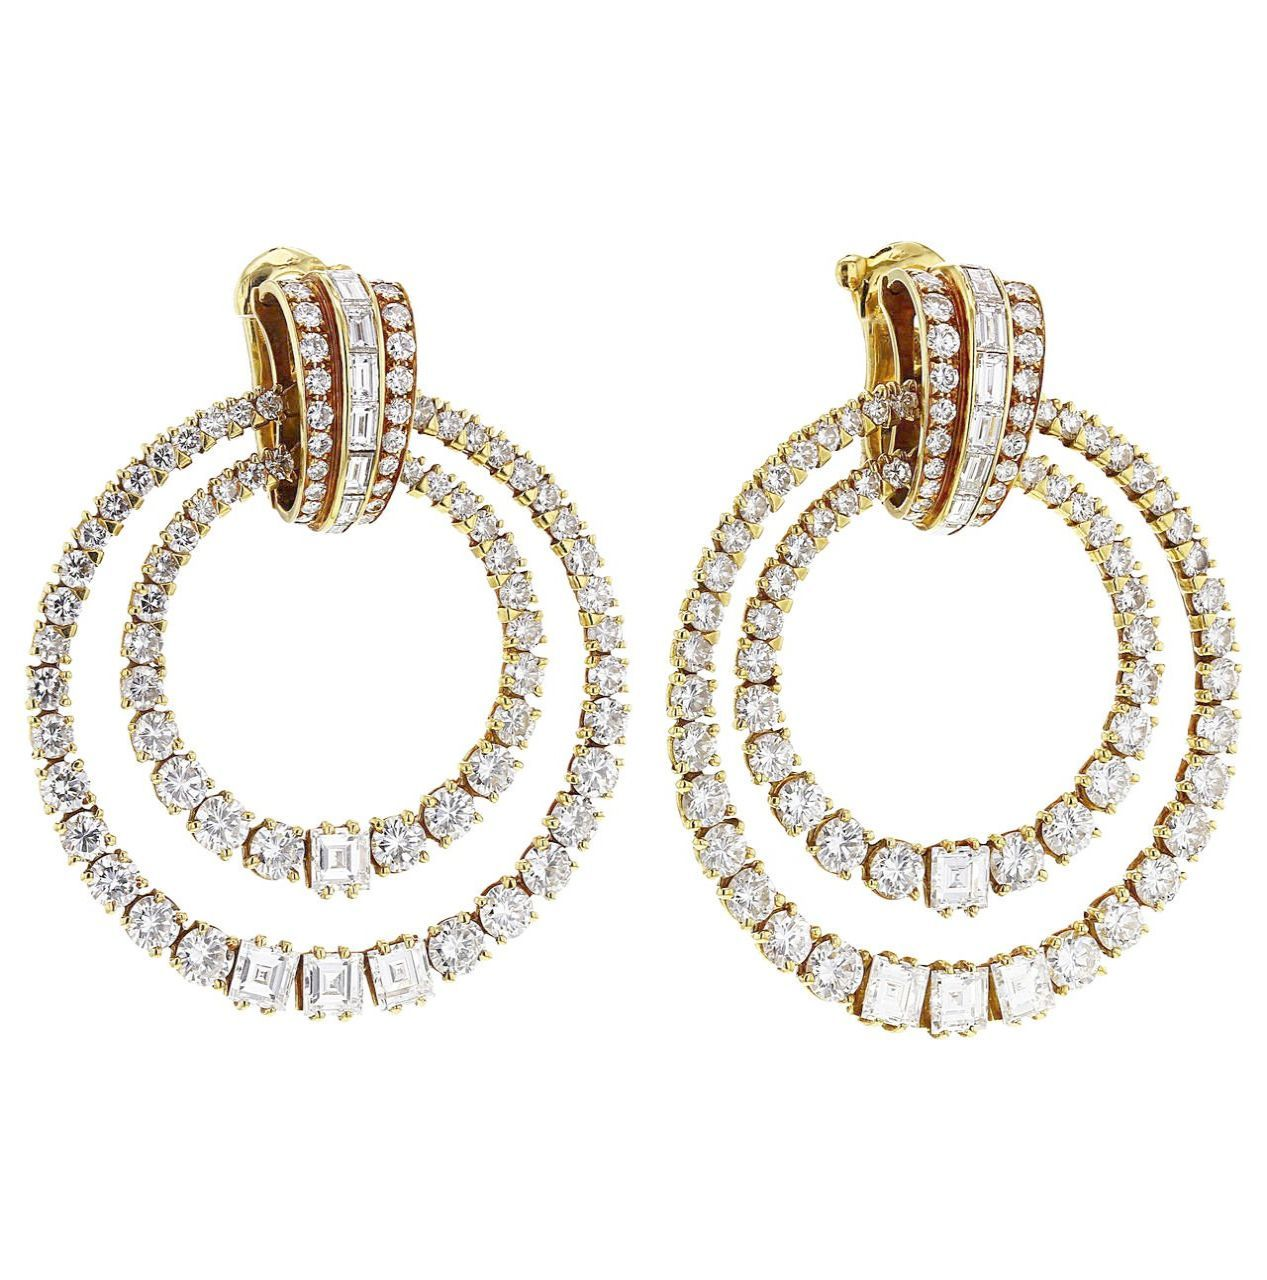 3f44444ba Diamond Jewellery Manufacturers In Surat Diamond Necklace Kirtilal ...